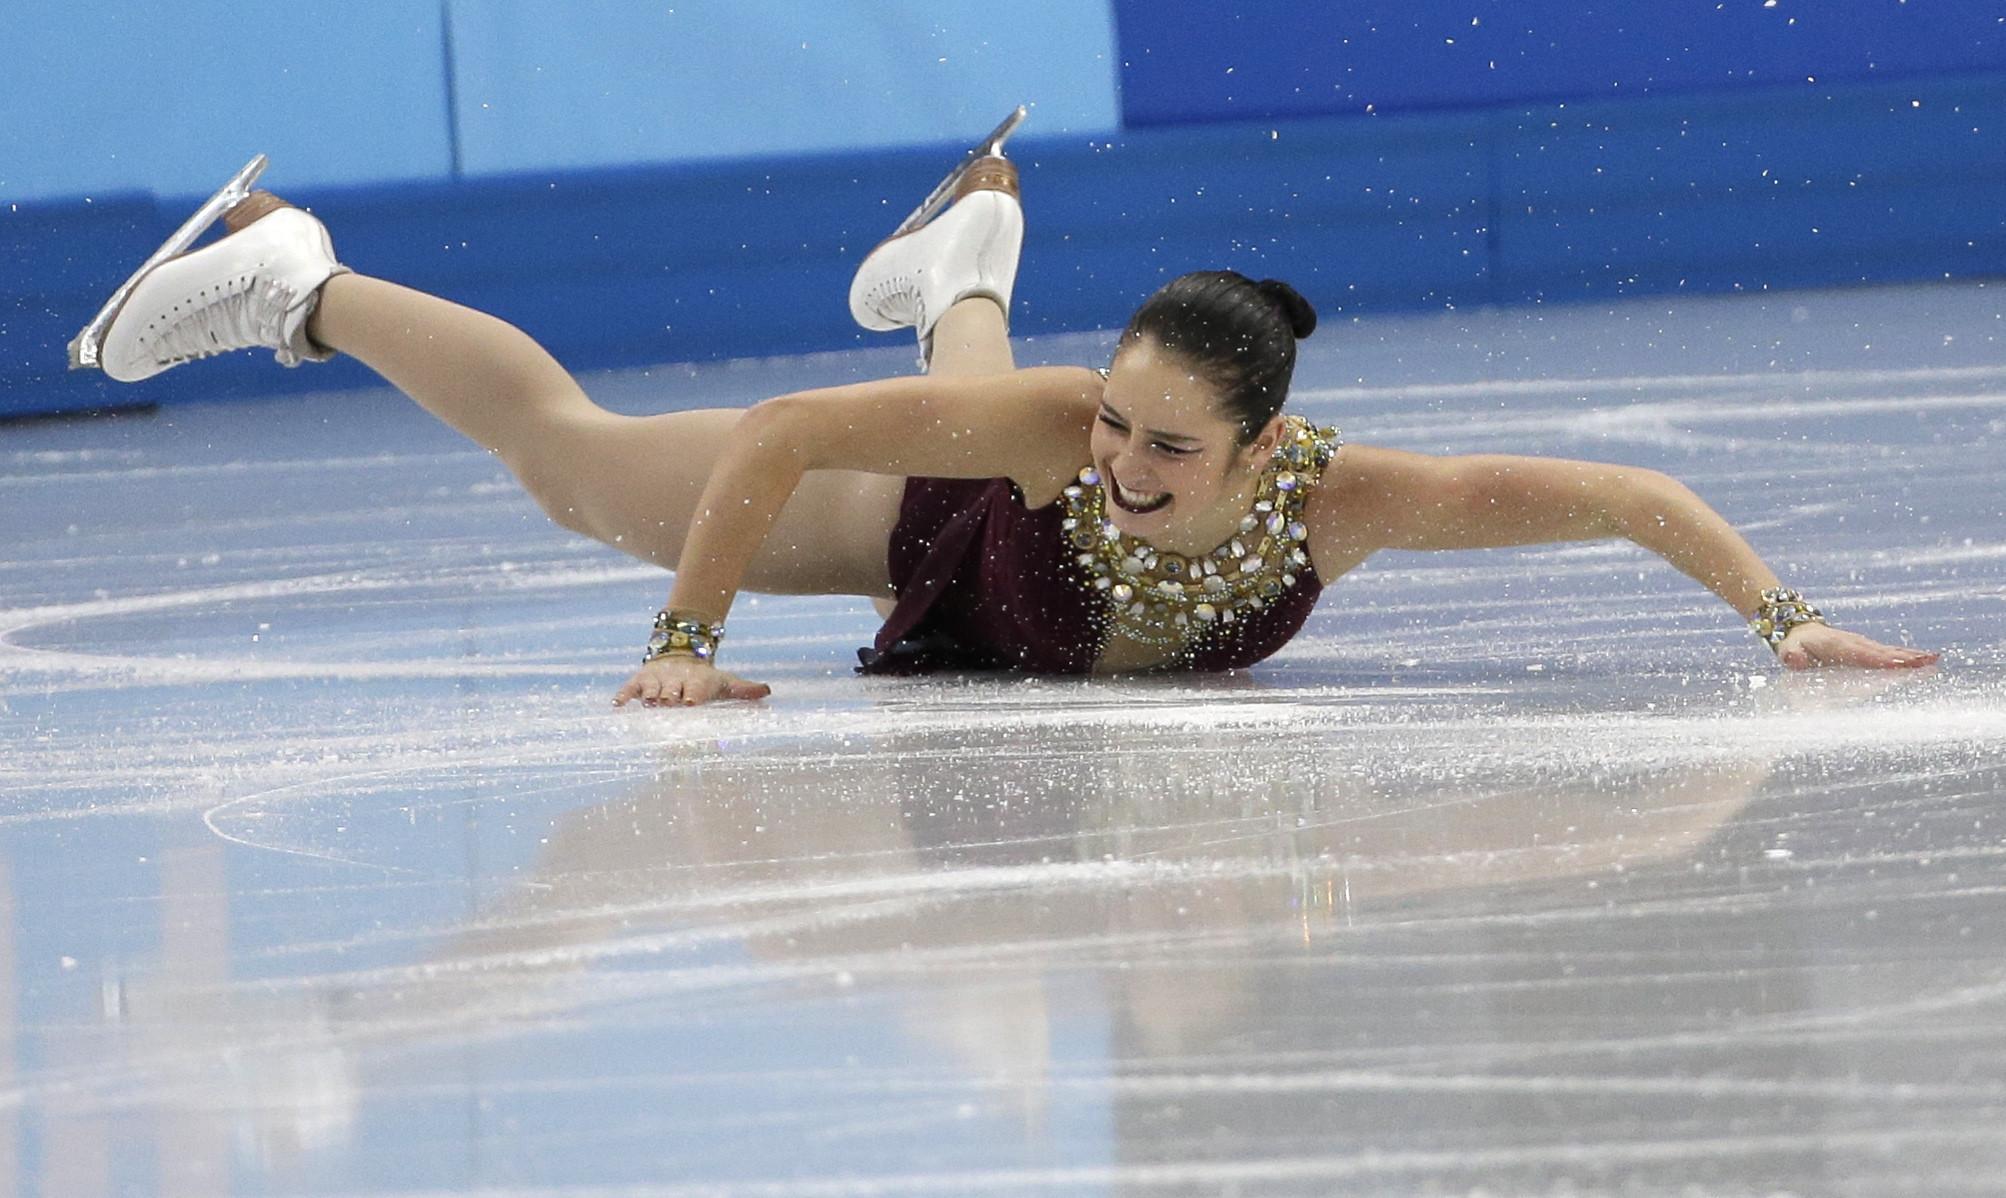 Res: 2006x1198, 41 Skating Wallpaper